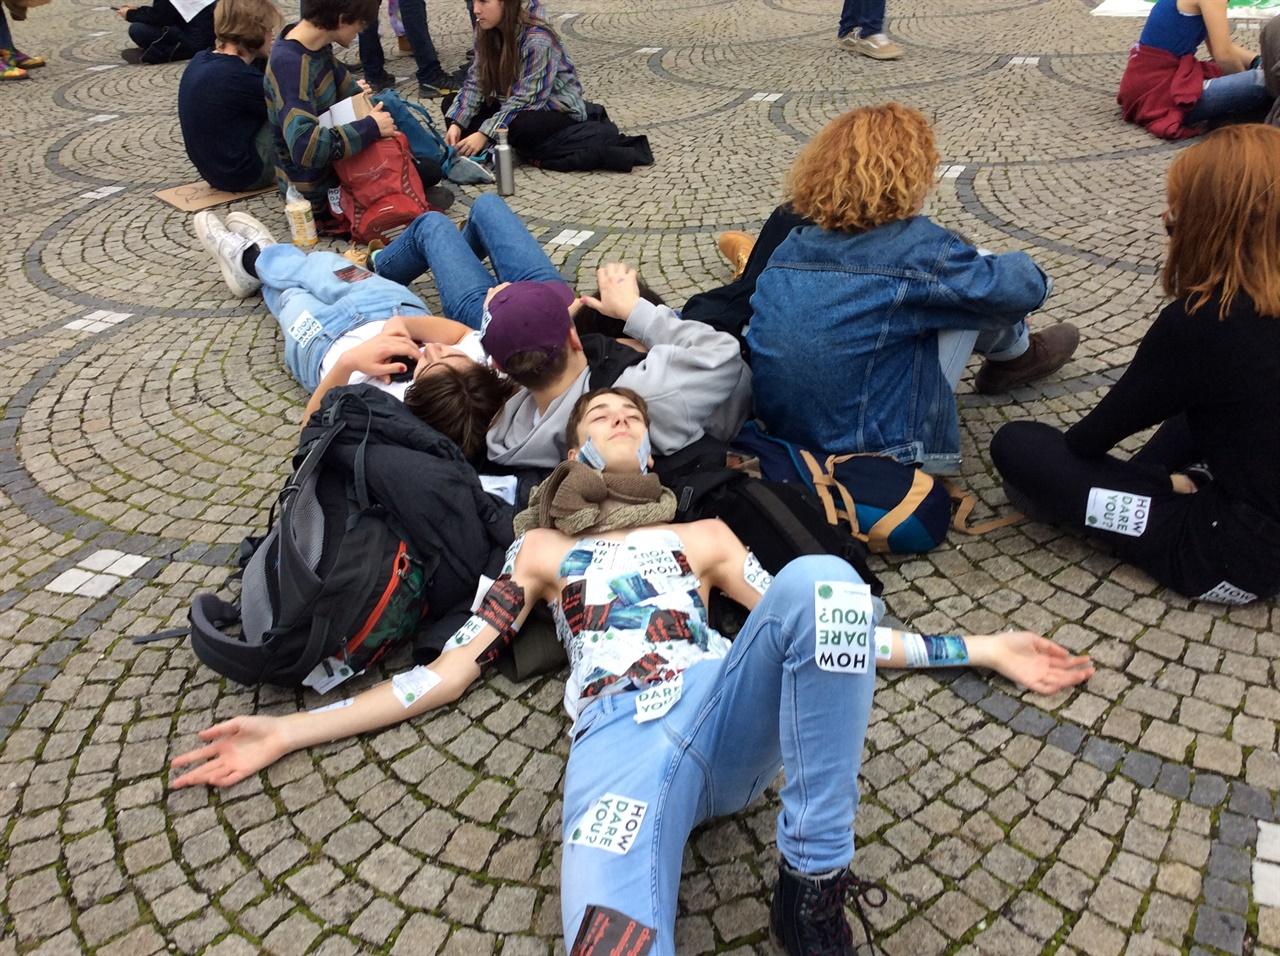 다이인 퍼포먼스 멸종저항 회원들이 다이인(Die-in) 퍼포먼스를 뮌헨의 거리에서 하고 있다.